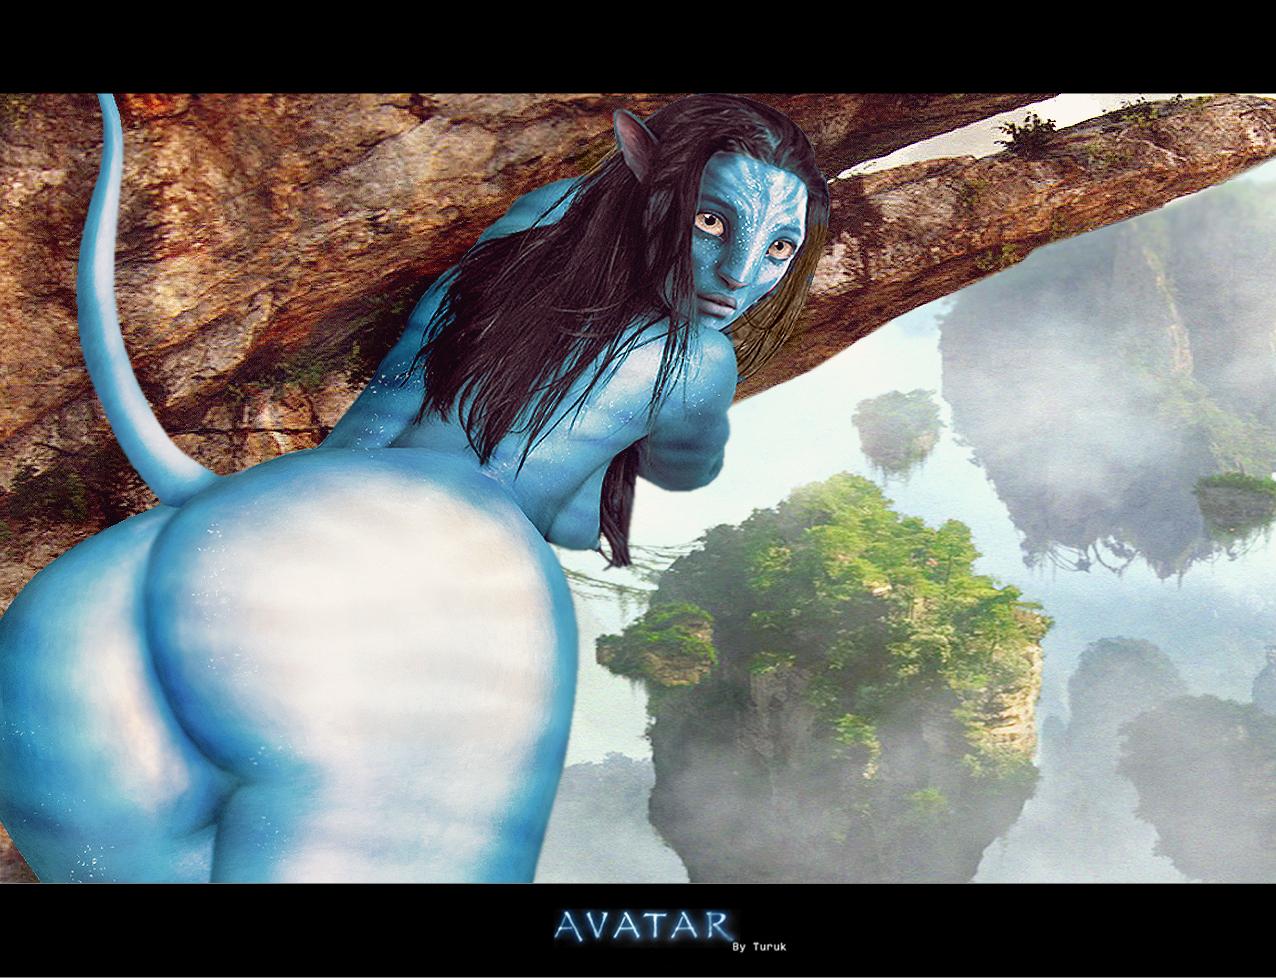 Смотреть эротического аватара, Порно мультик Аватар порно видео онлайн смотреть 8 фотография